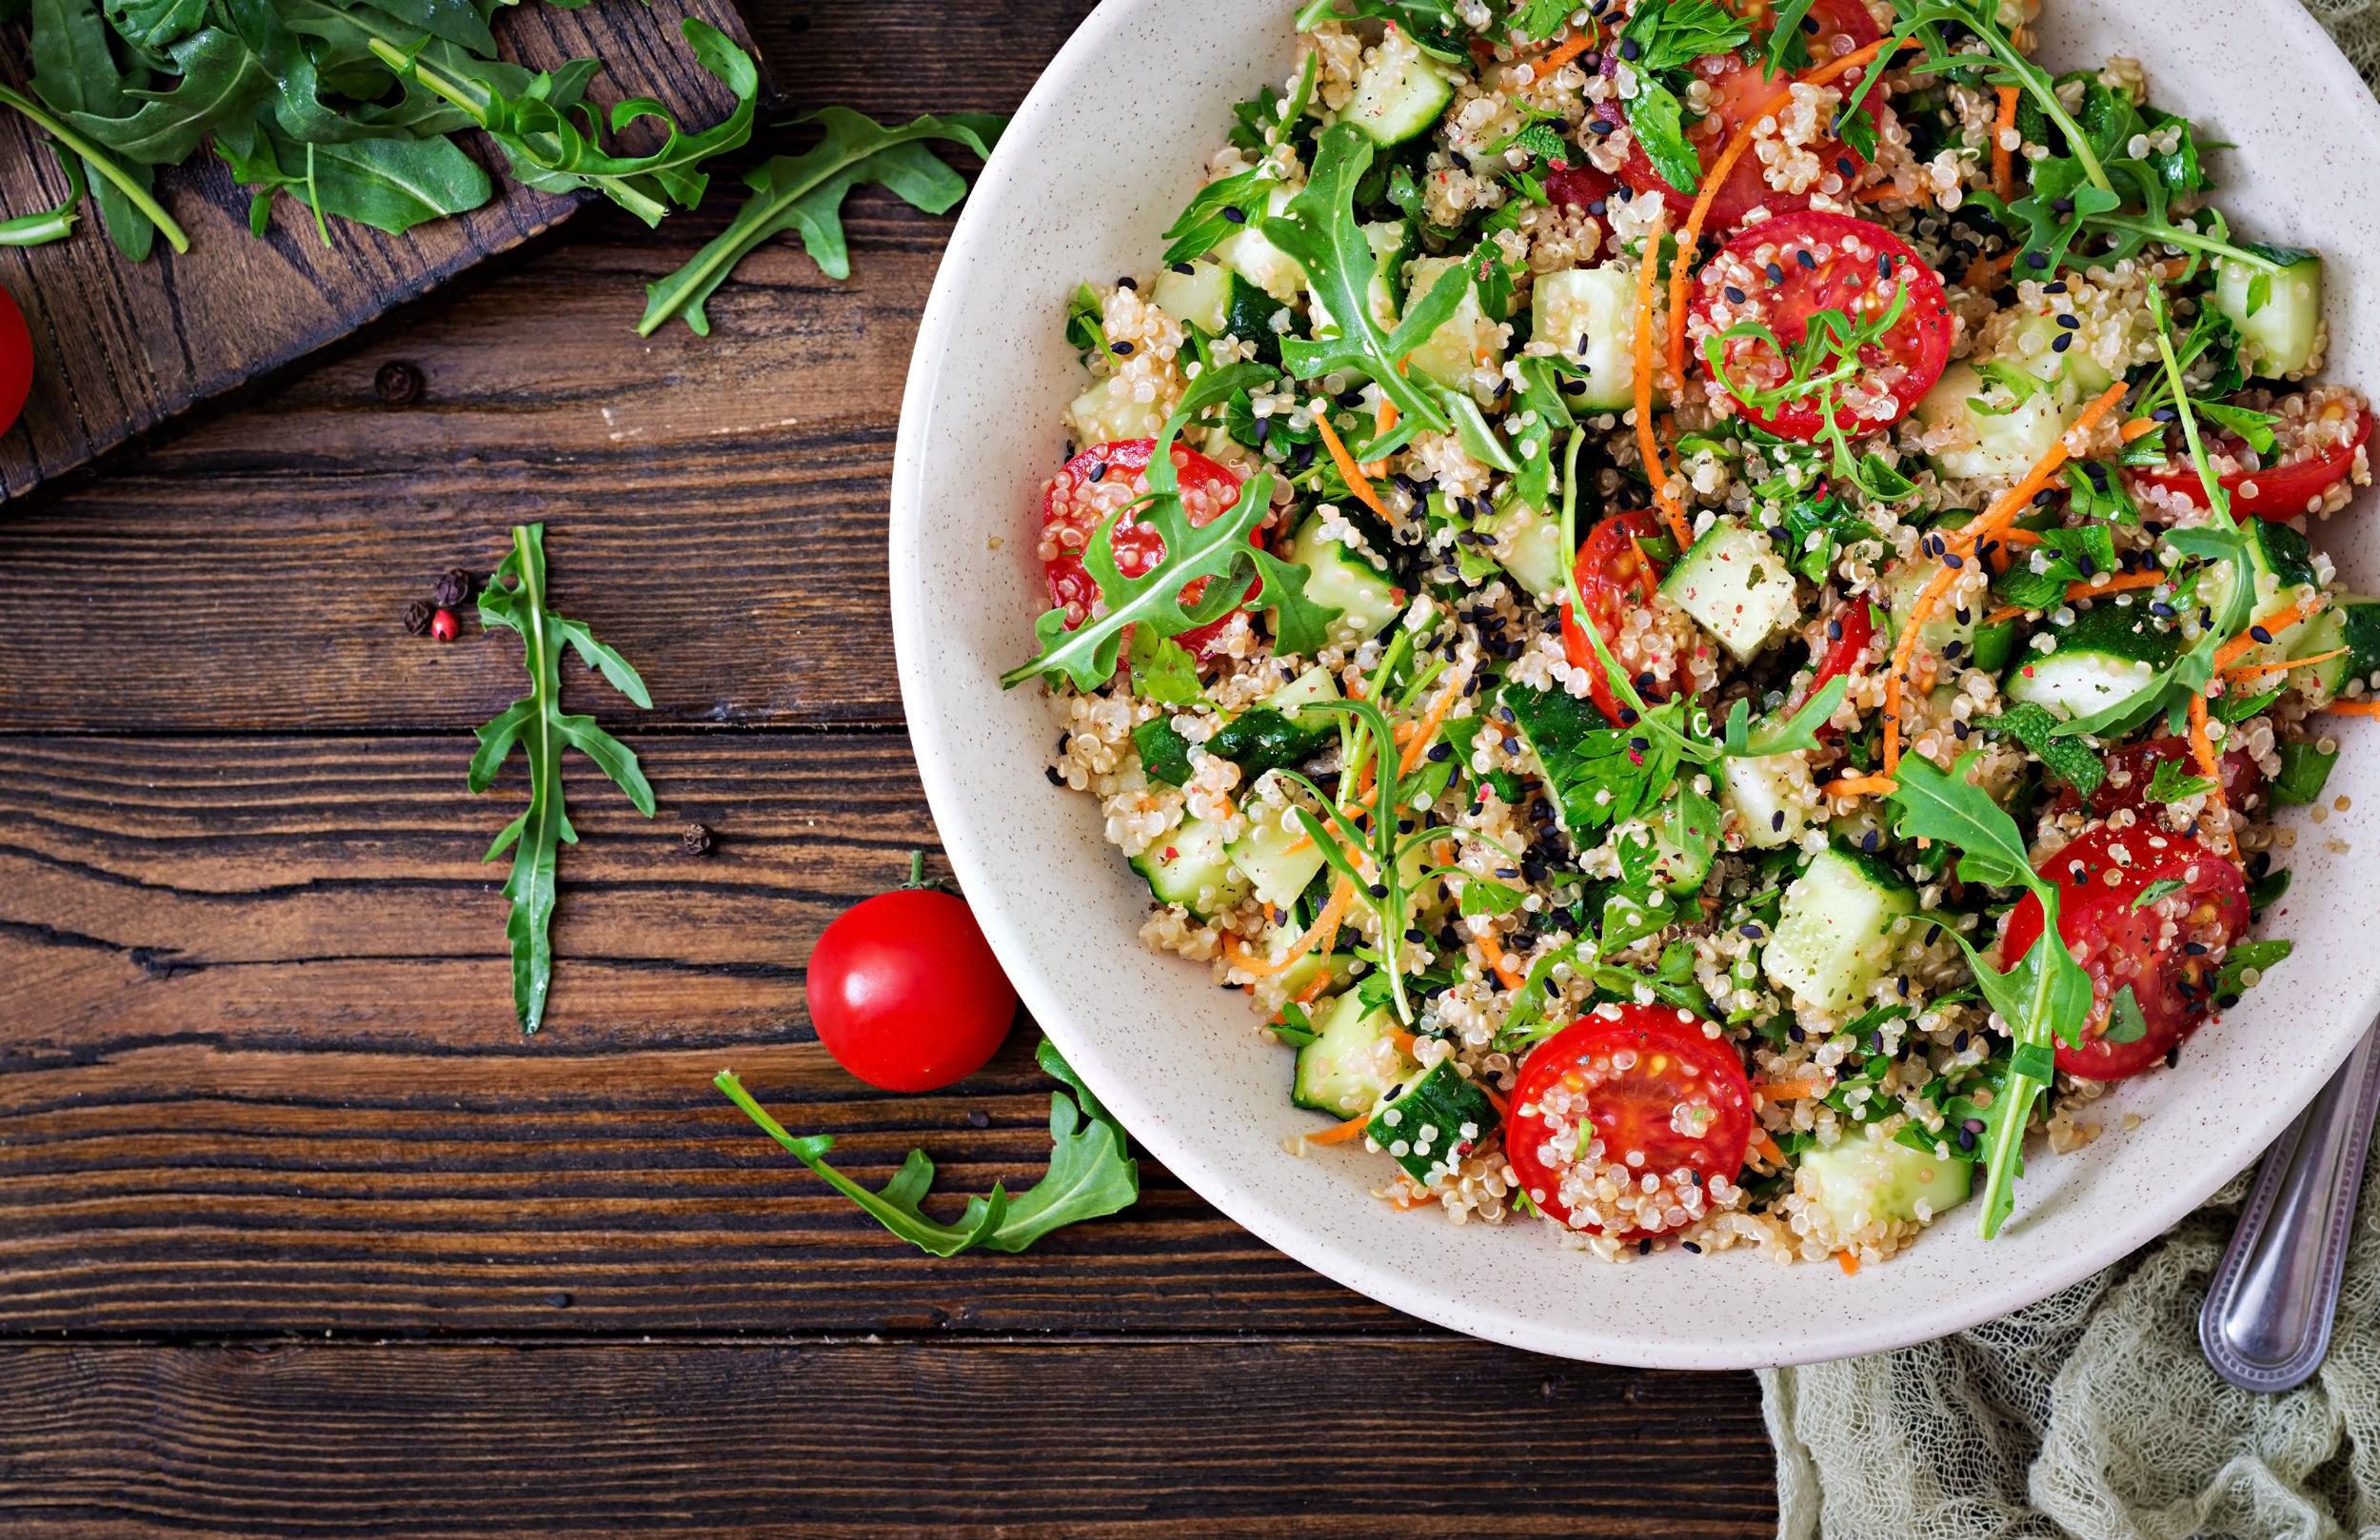 Barevný zeleninový salát s konopným olejem